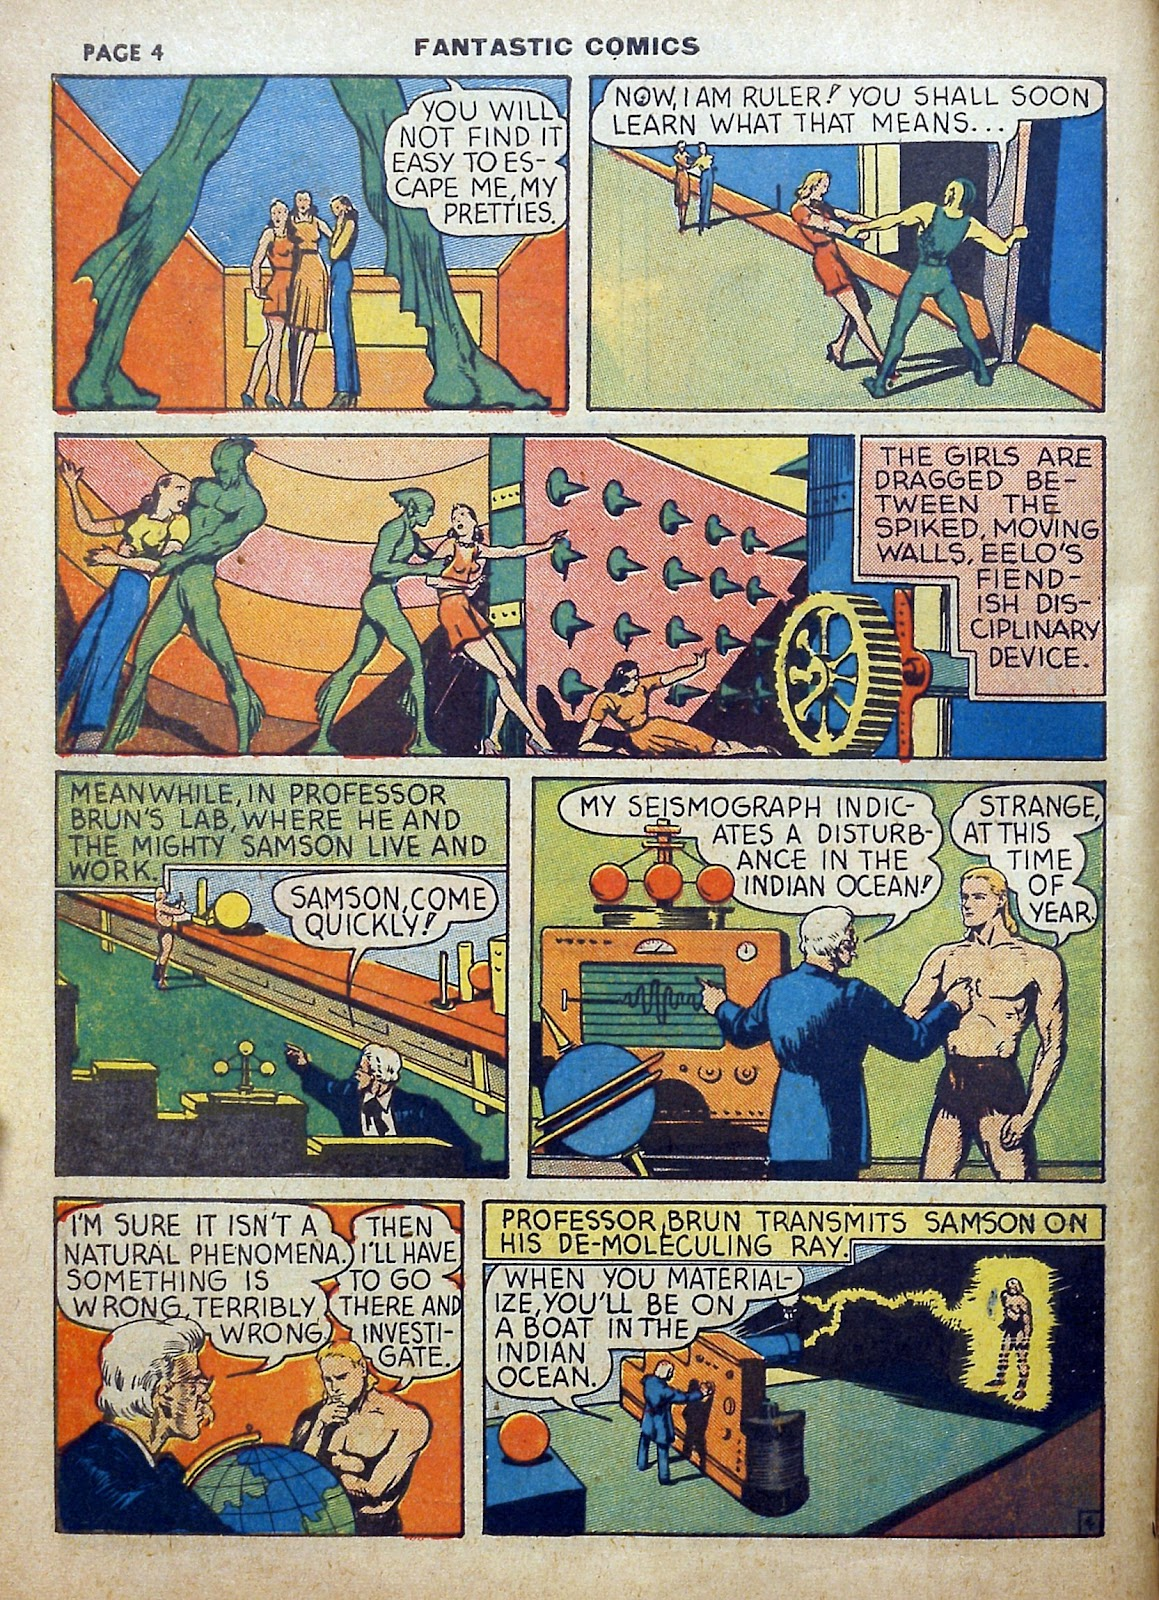 Read online Fantastic Comics comic -  Issue #5 - 5